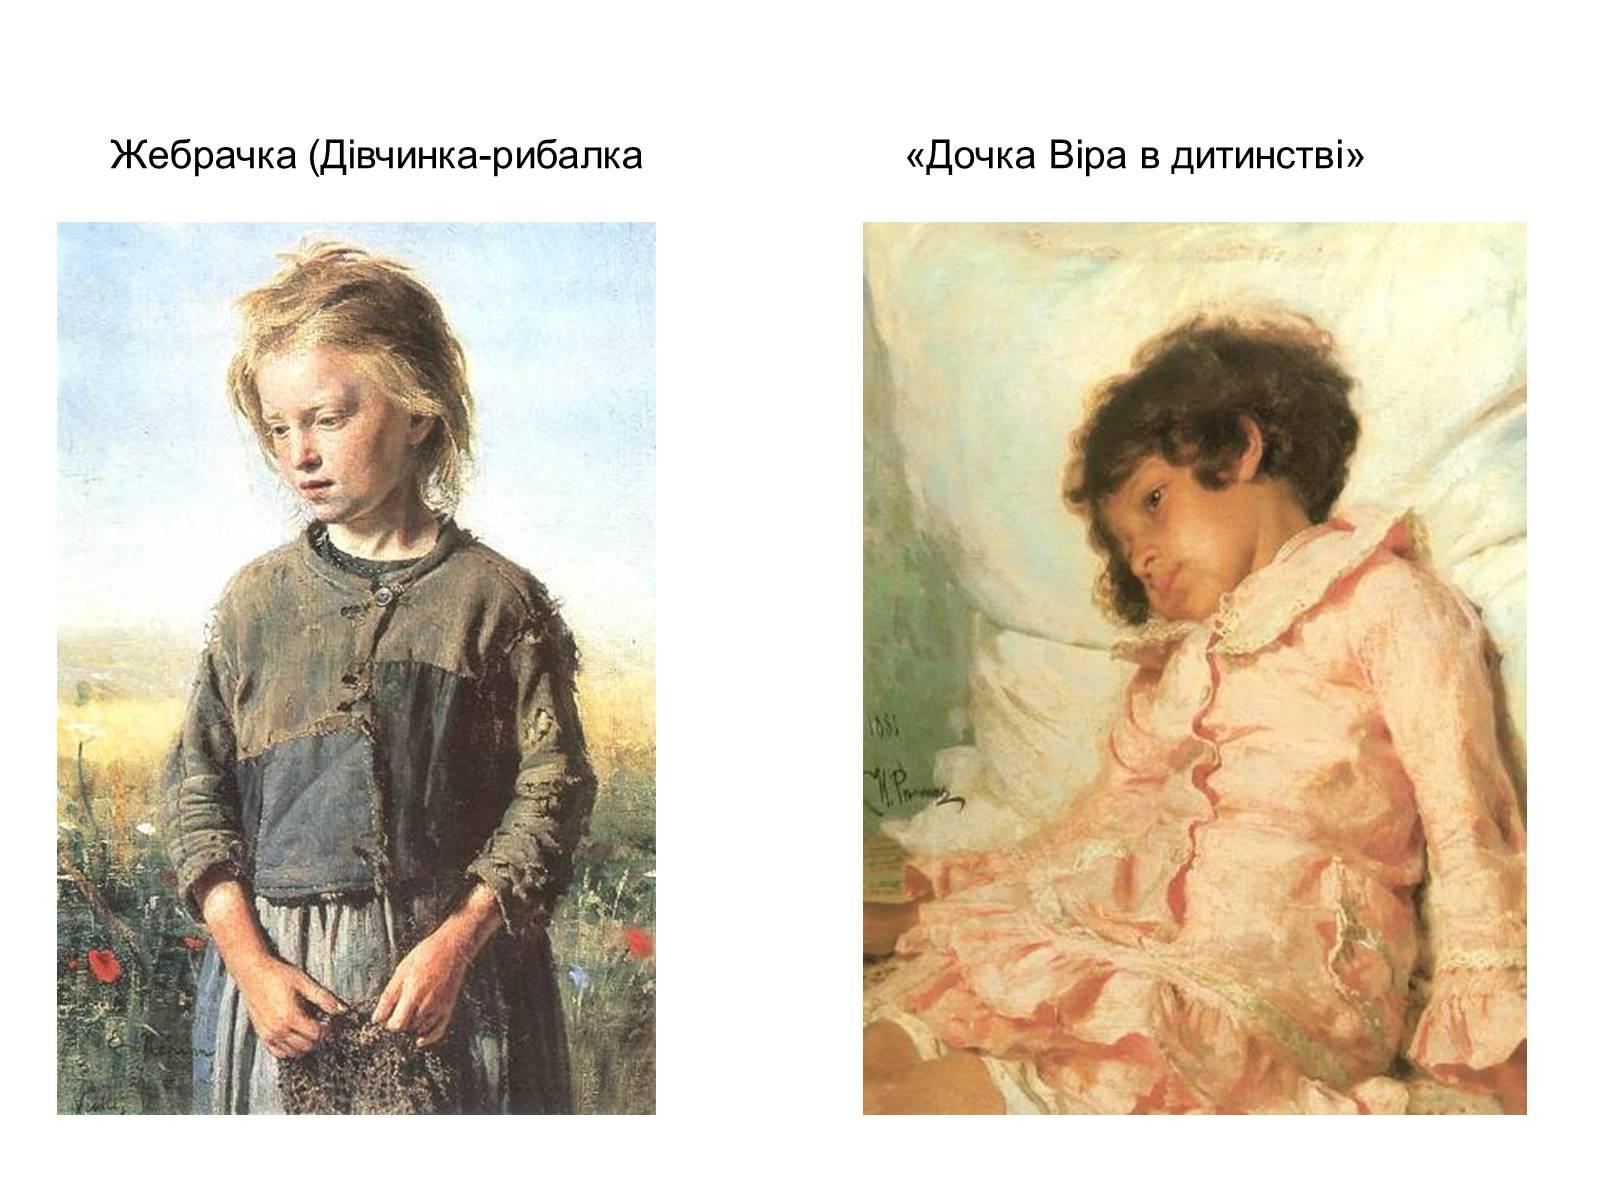 Илья репин и его дети фото